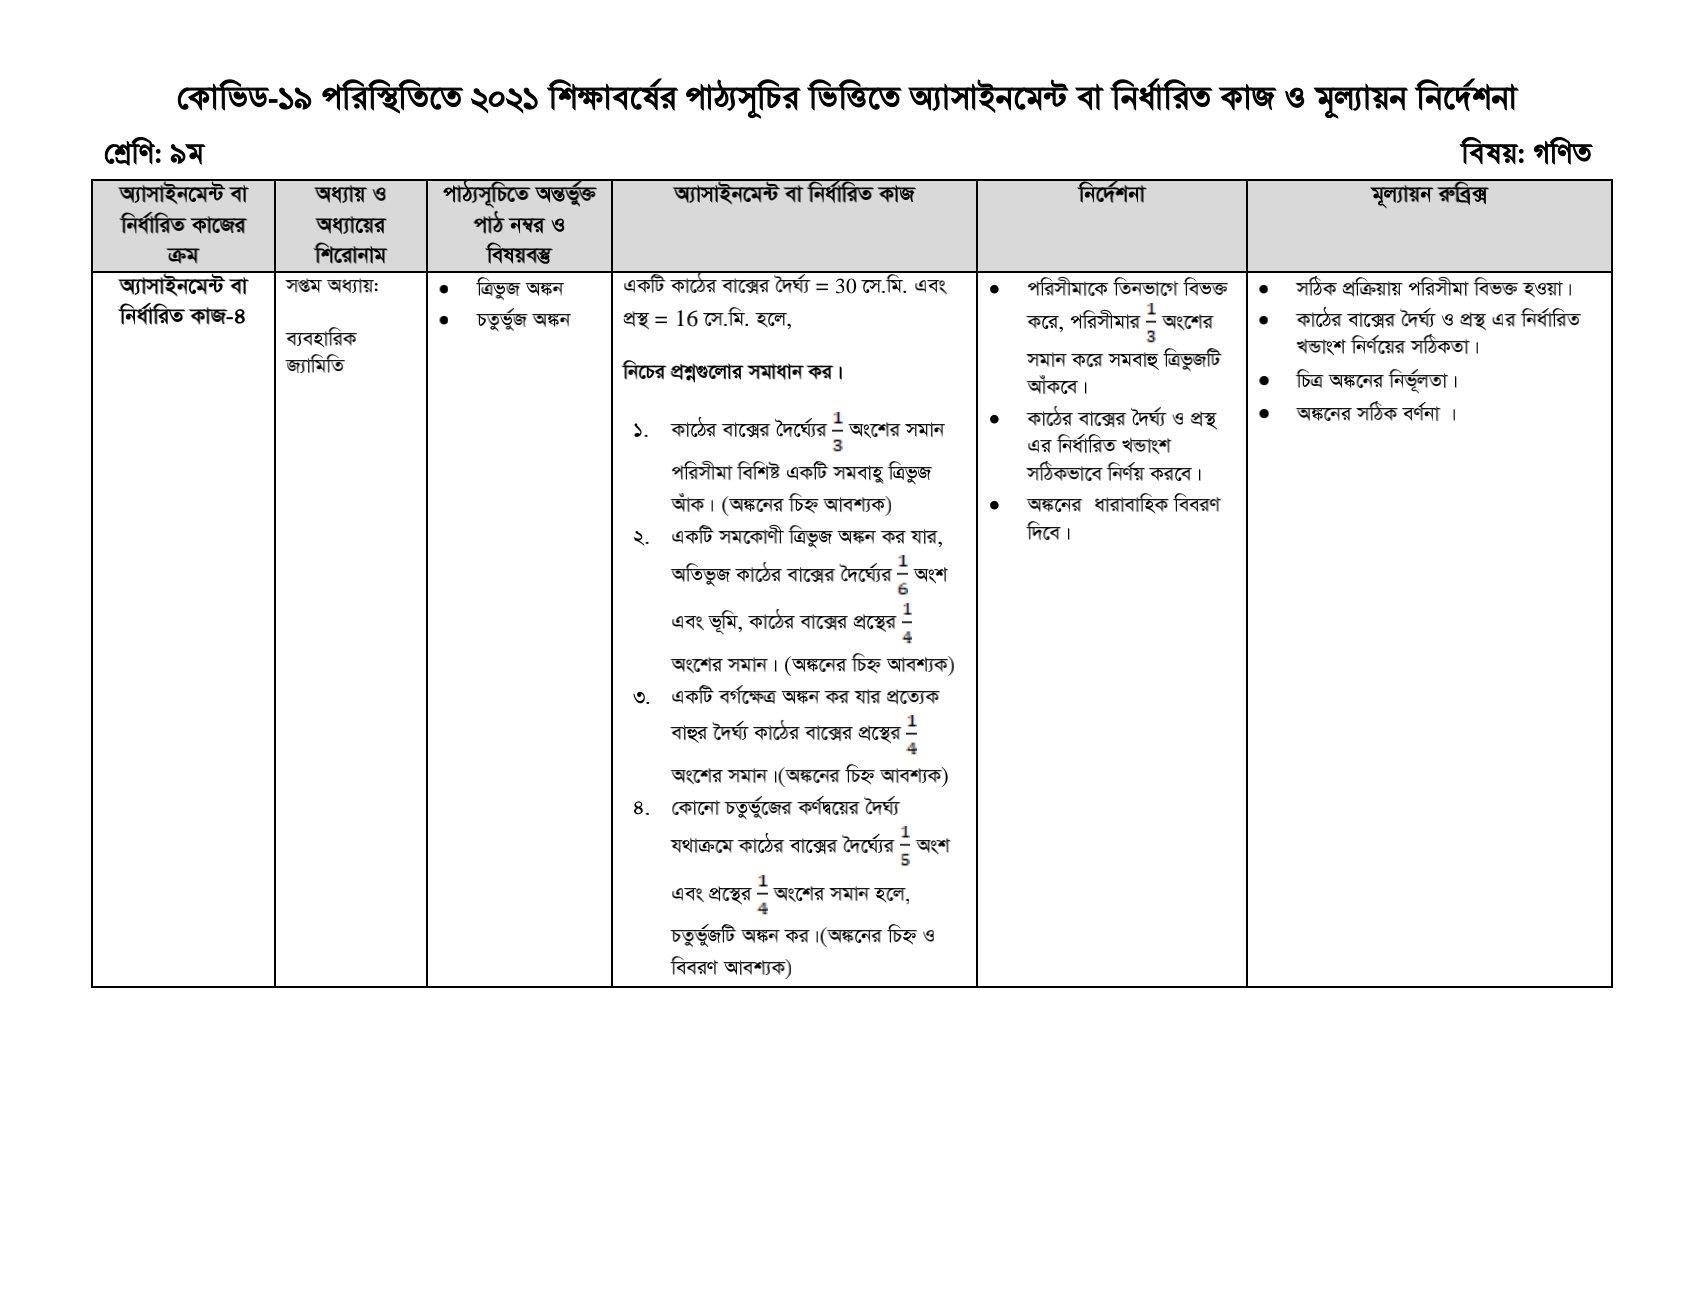 ৯ম শ্রেণির ১৫তম সপ্তাহের এসাইনমেন্ট,৯ম/নবম শ্রেণির এসাইনমেন্ট ২০২১ উত্তর/সমাধান ১৫তম সপ্তাহ PDF,  Class 9 Nine 15th Week Assignment Answer /Solution 2021 PDF